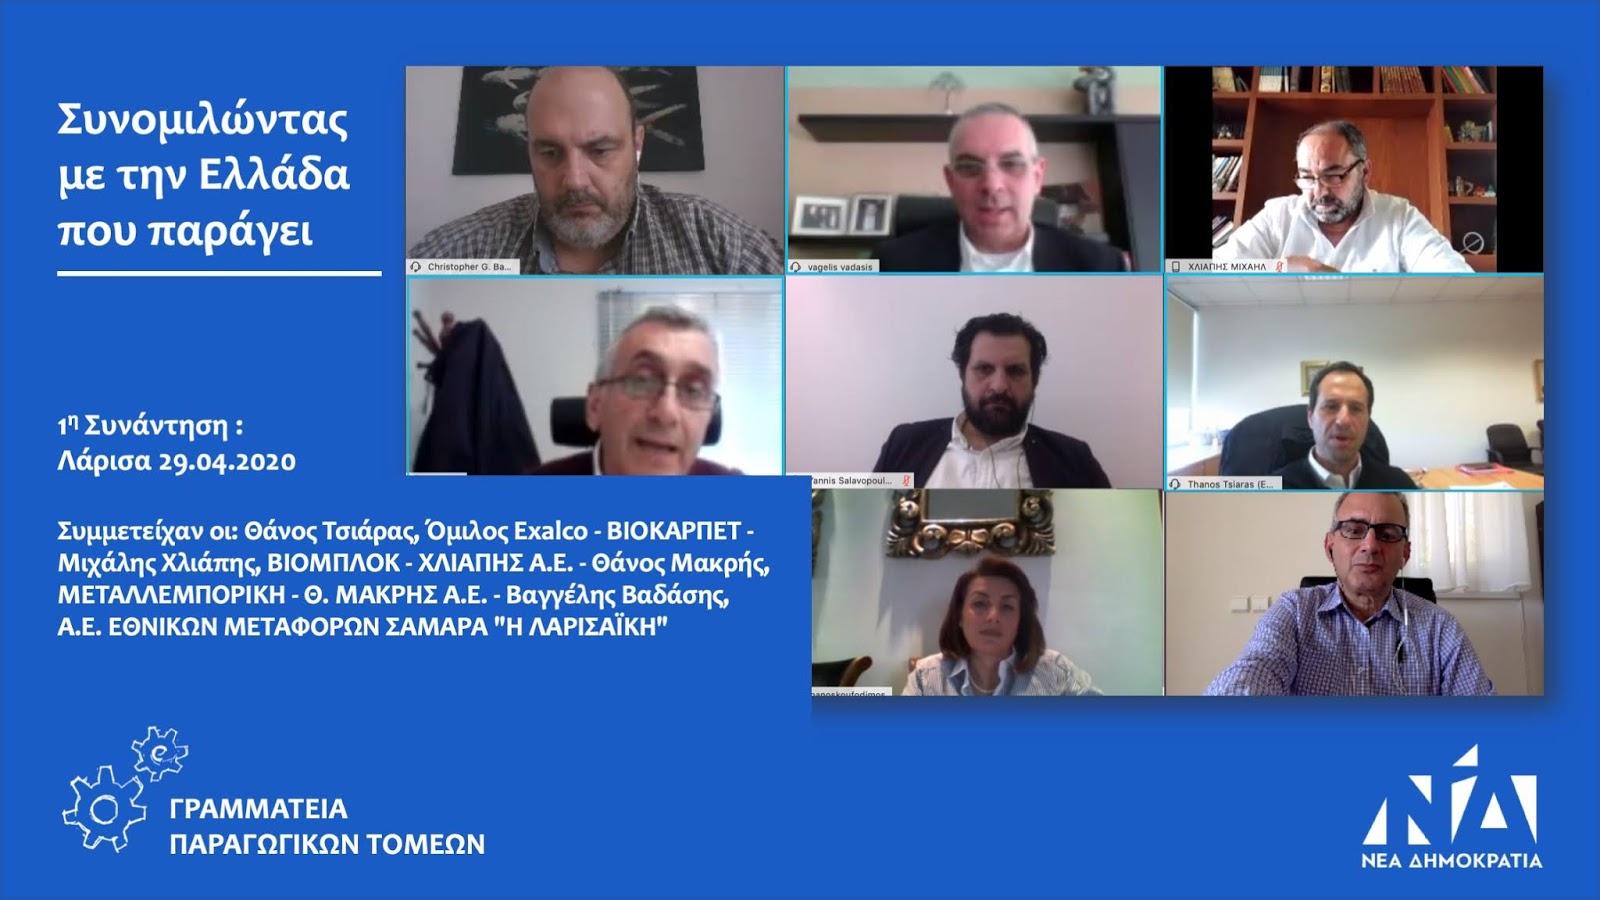 «Συνομιλώντας με την Ελλάδα που παράγει» με αρχή από την Λάρισα για την Γραμματεία Παραγωγικών Τομέων της ΝΔ